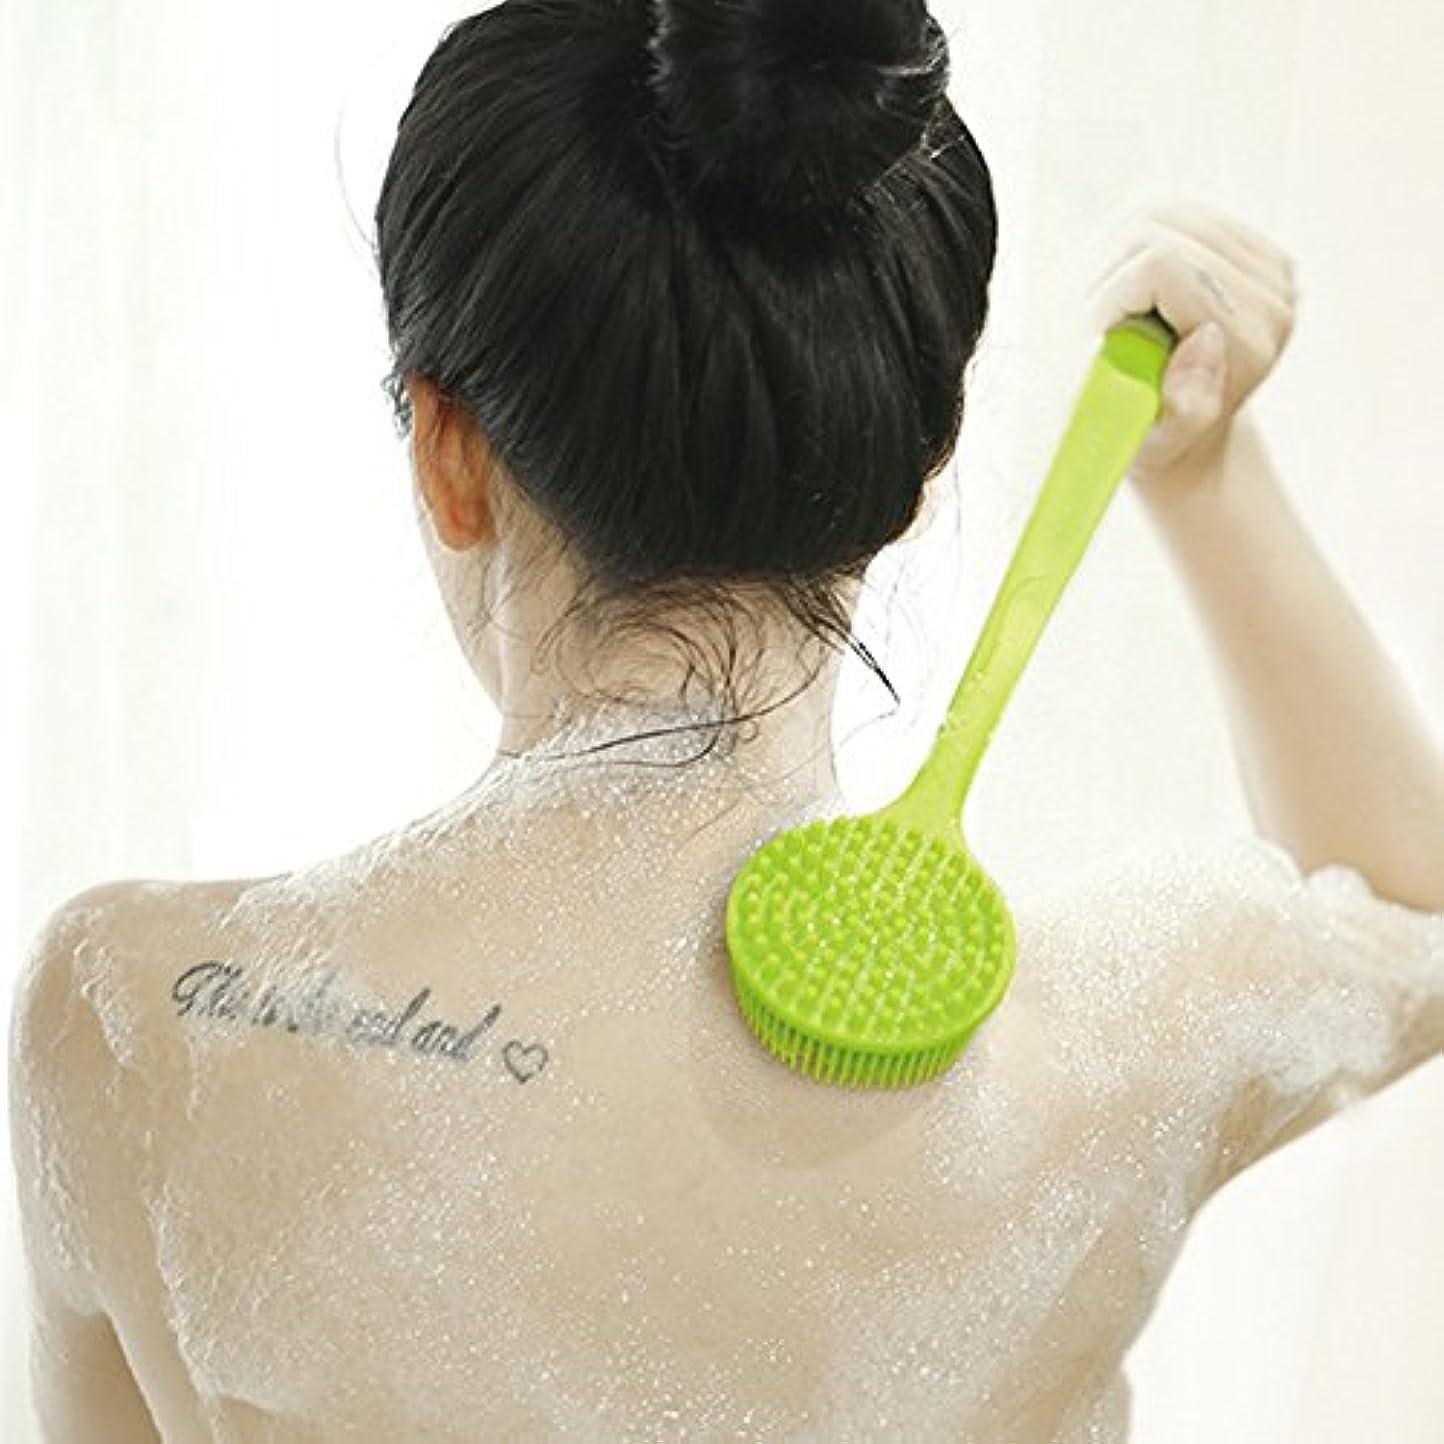 マウントデコードする本質的にボディブラシ シャワーブラシ お風呂用 シリコン製 体洗い マッサージブラシ 毛穴洗浄 角質除去 多機能 柔らかい